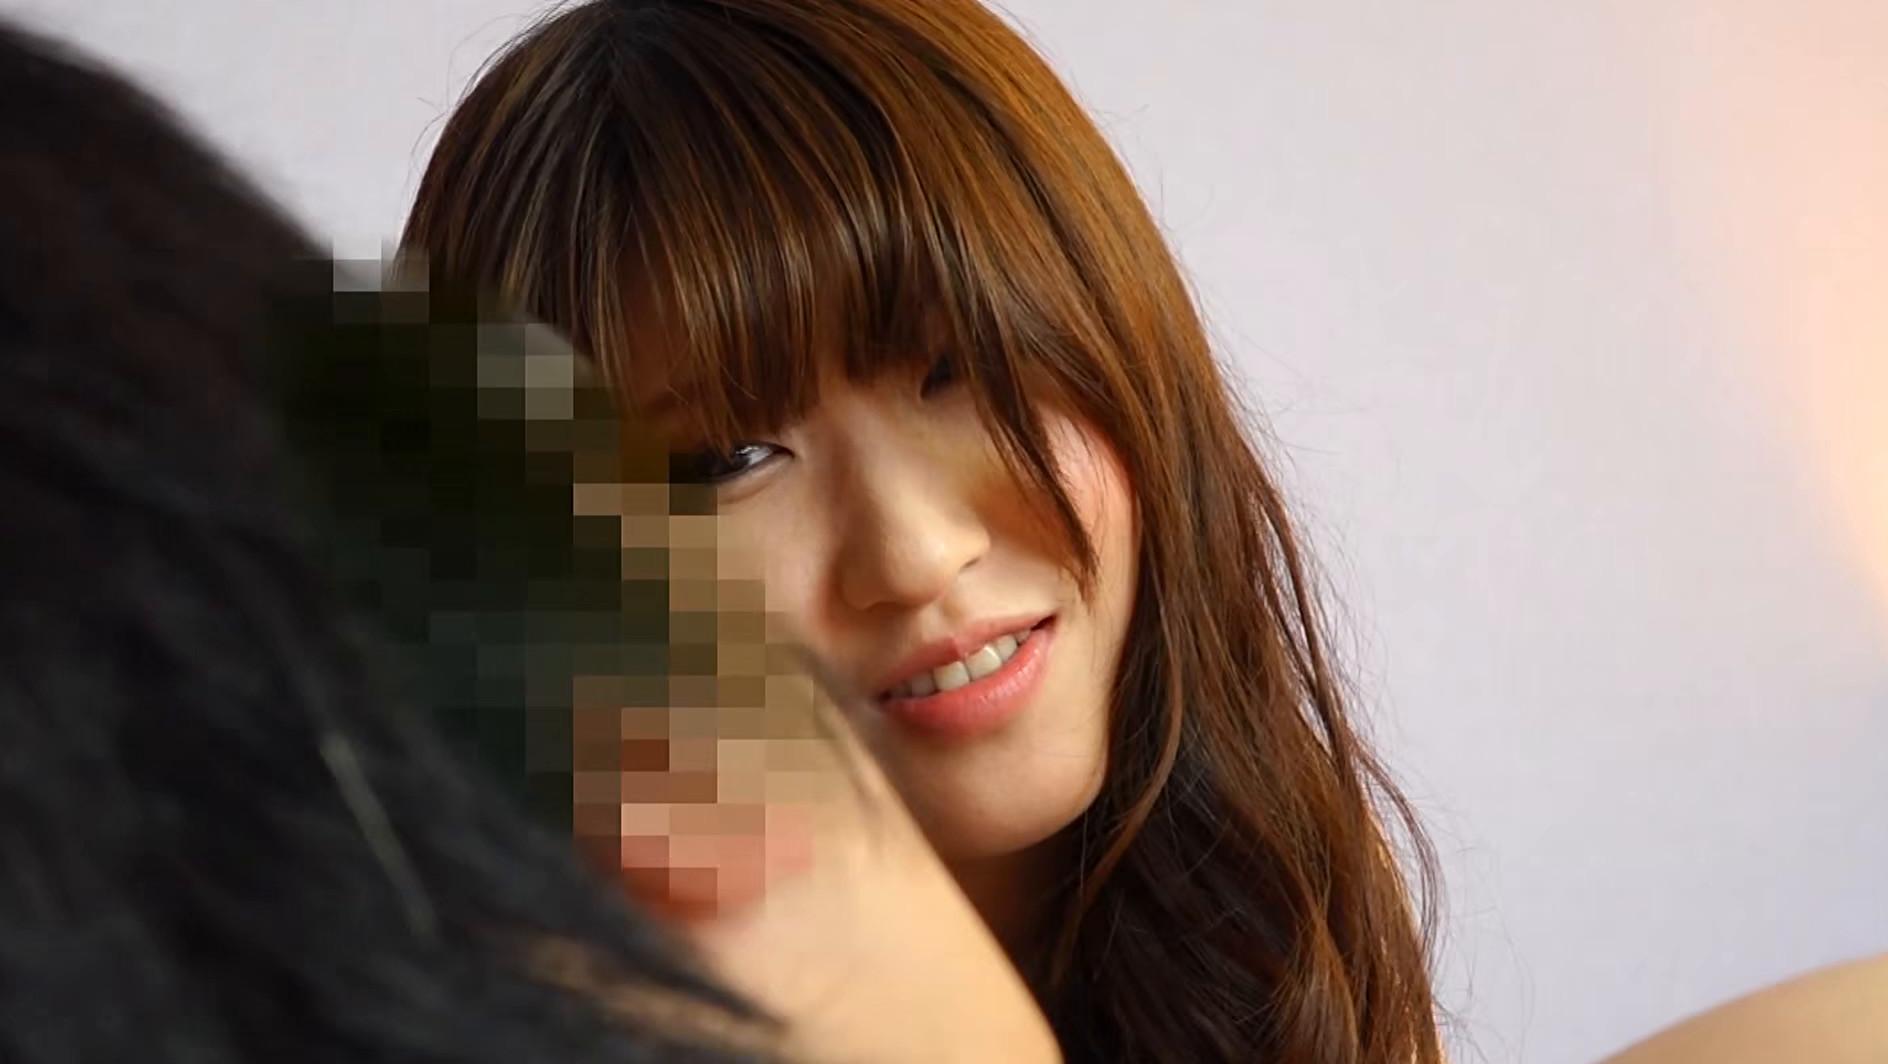 街角シロウト S級アイドル美少女ちゃんねる モデル志望のスレンダー娘の裏デビュー スペシャル4時間 画像13